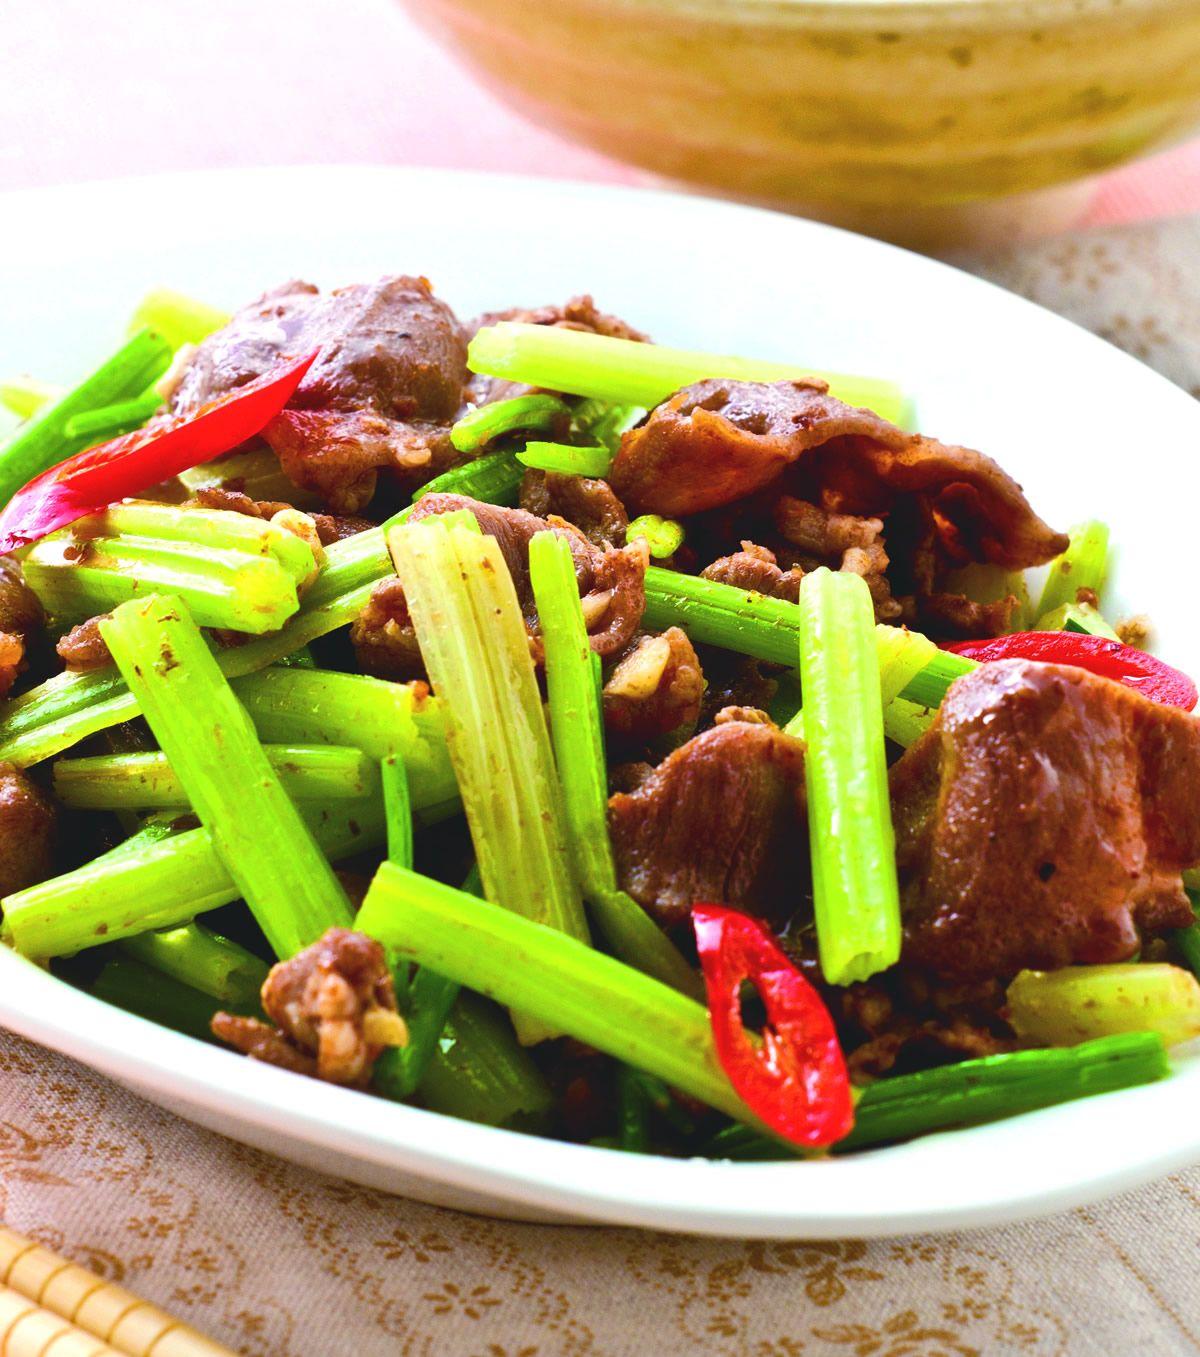 食譜:沙茶芹菜炒羊肉